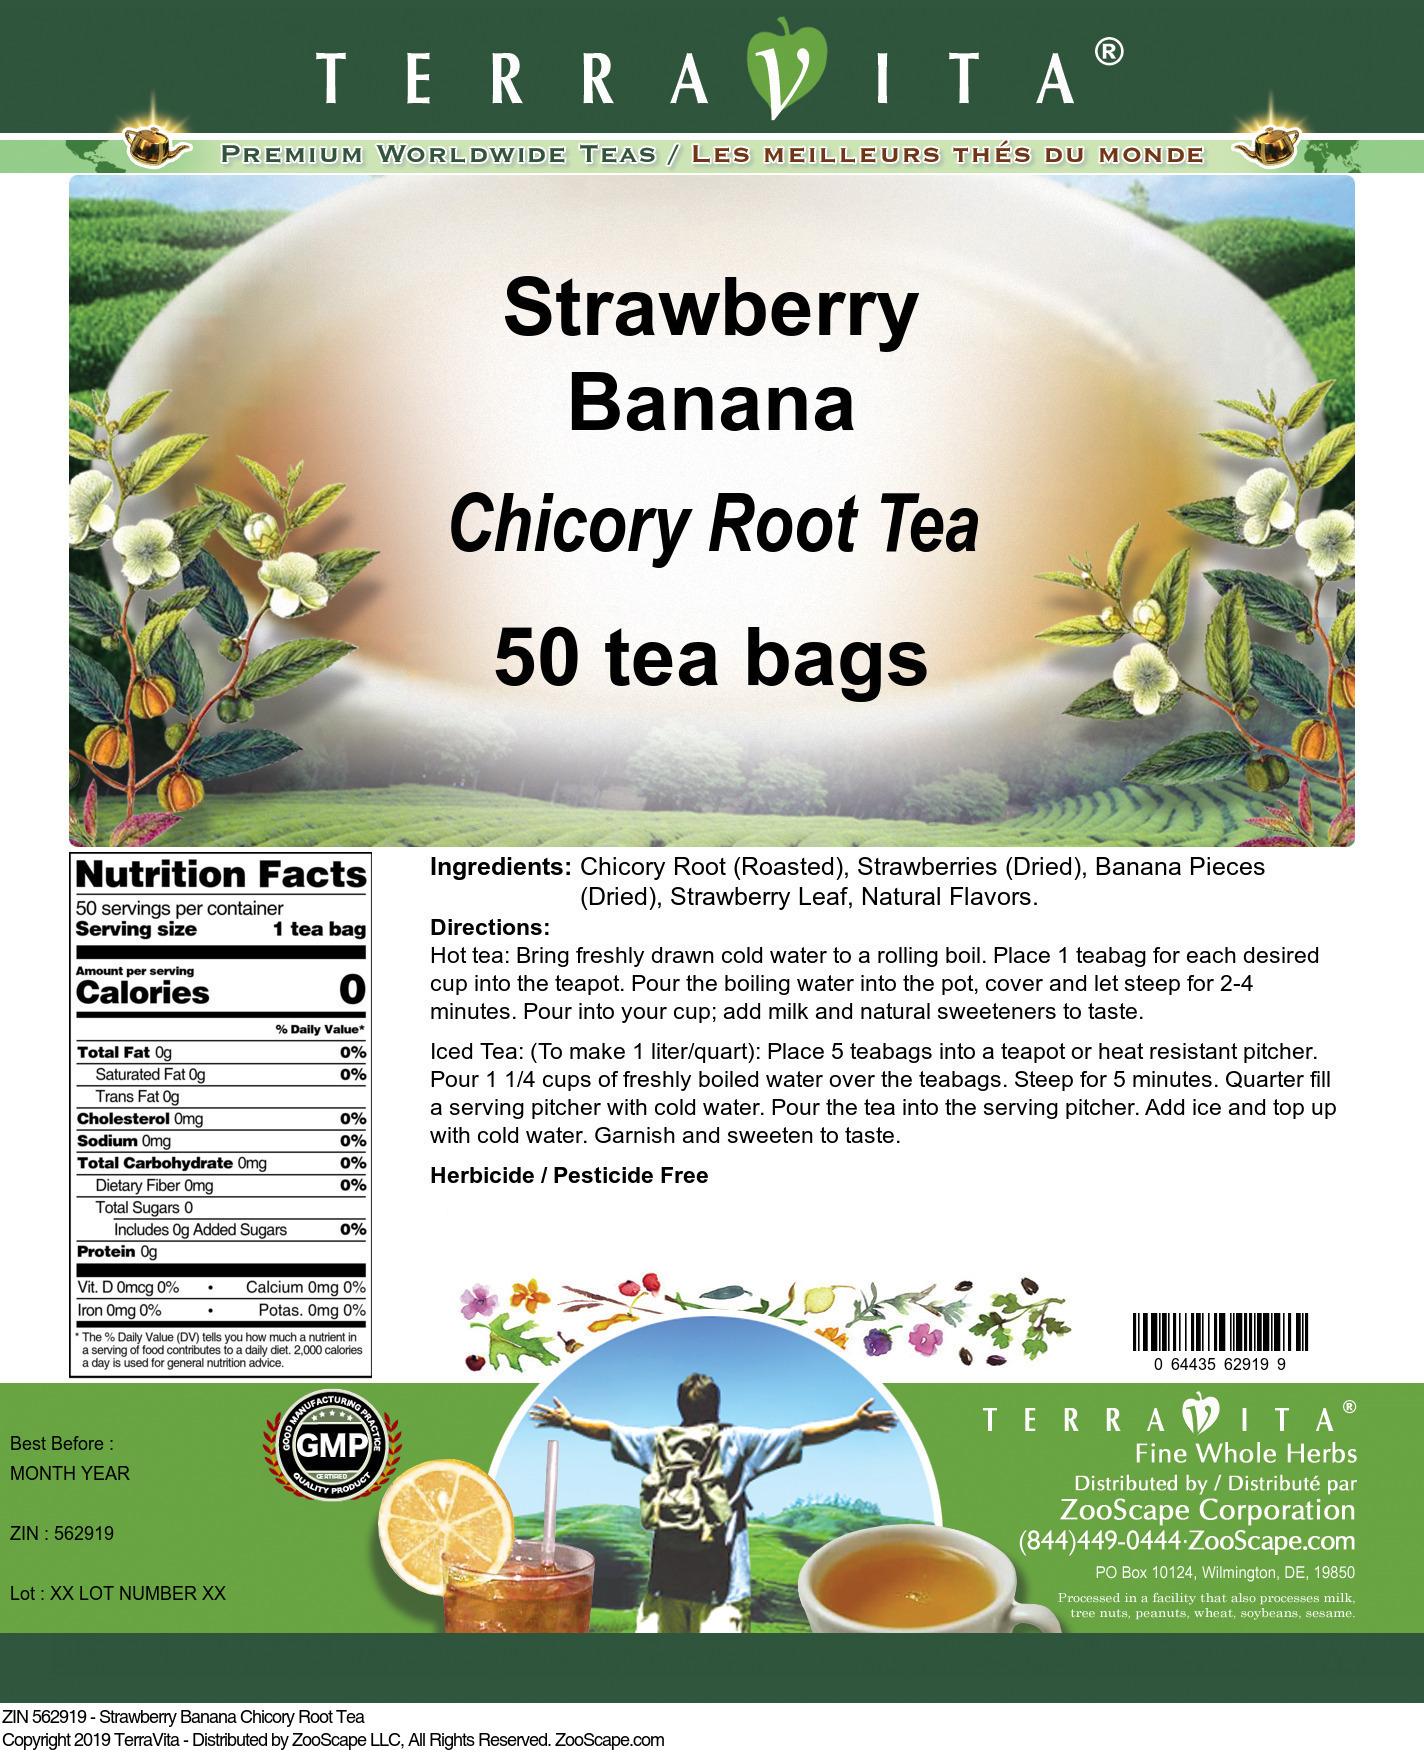 Strawberry Banana Chicory Root